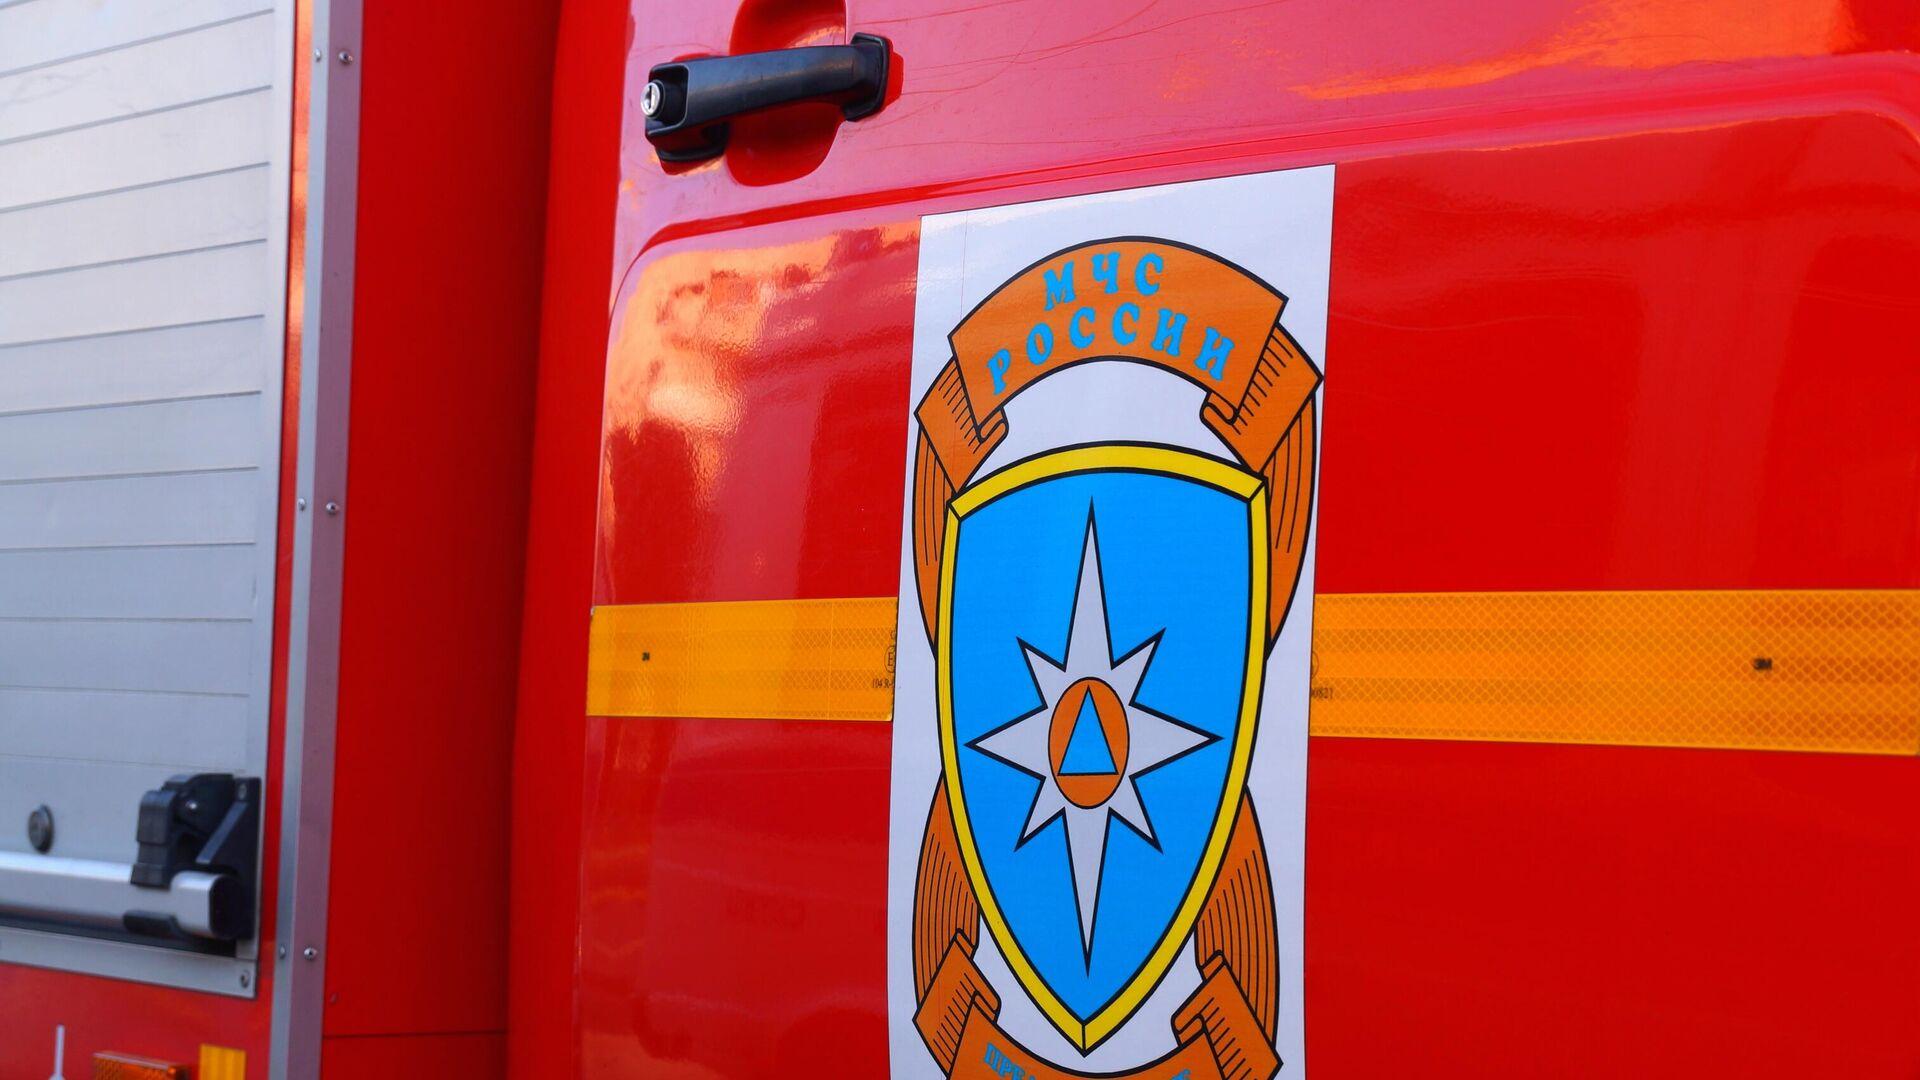 В Зеленодольске ввели режим ЧС после обрушения шести квартир жилого дома